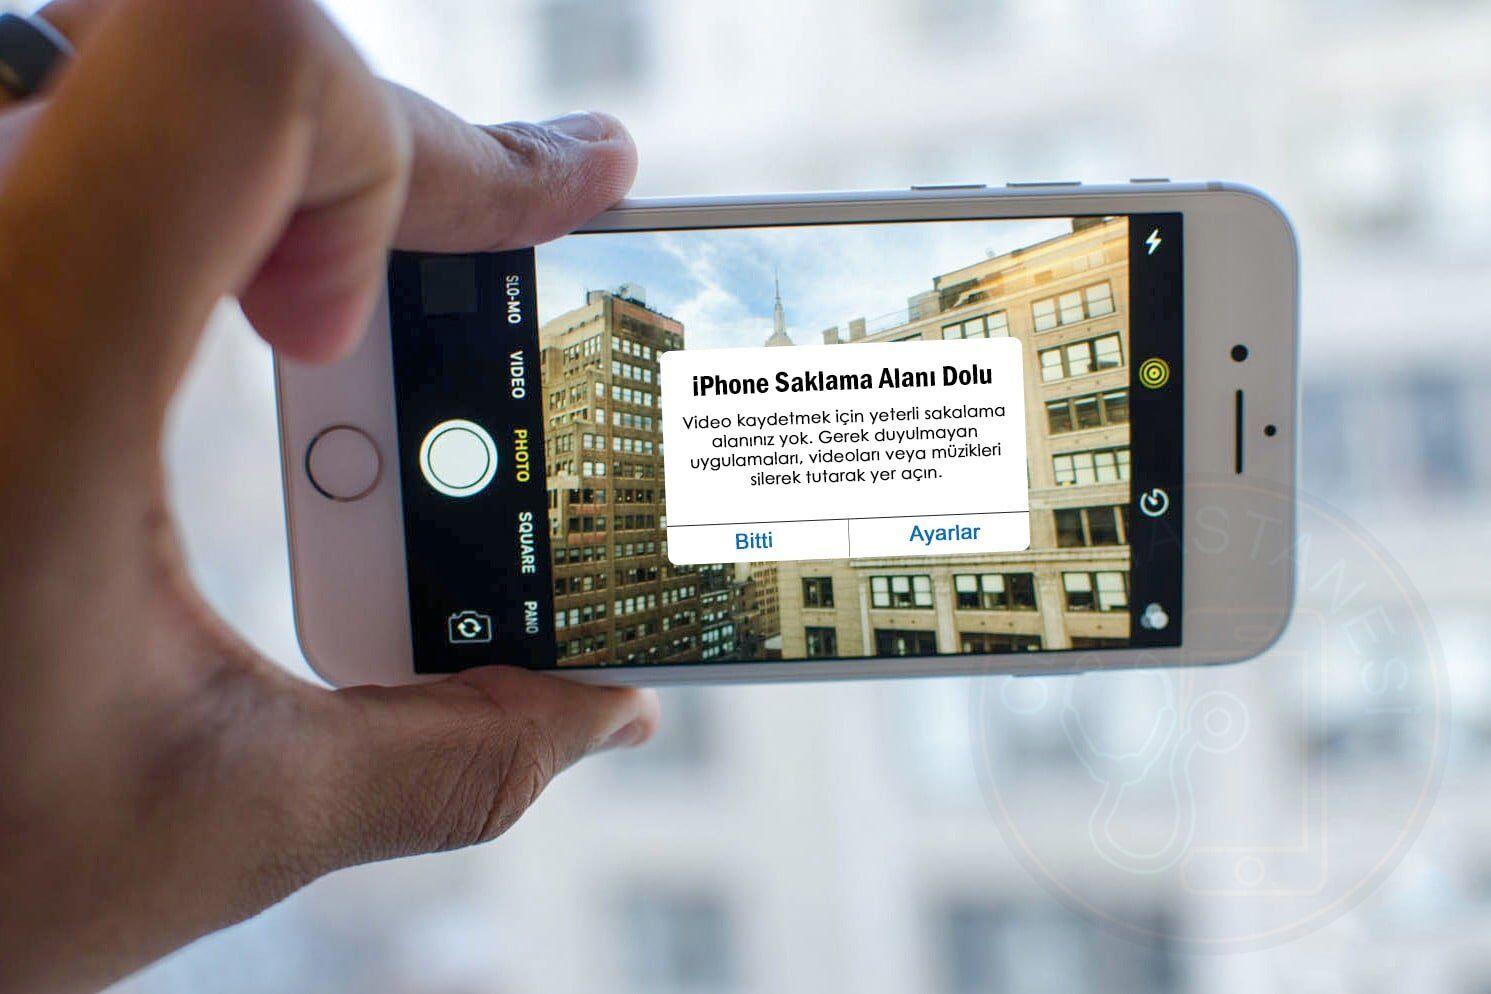 iPhone saklama alanı dolu